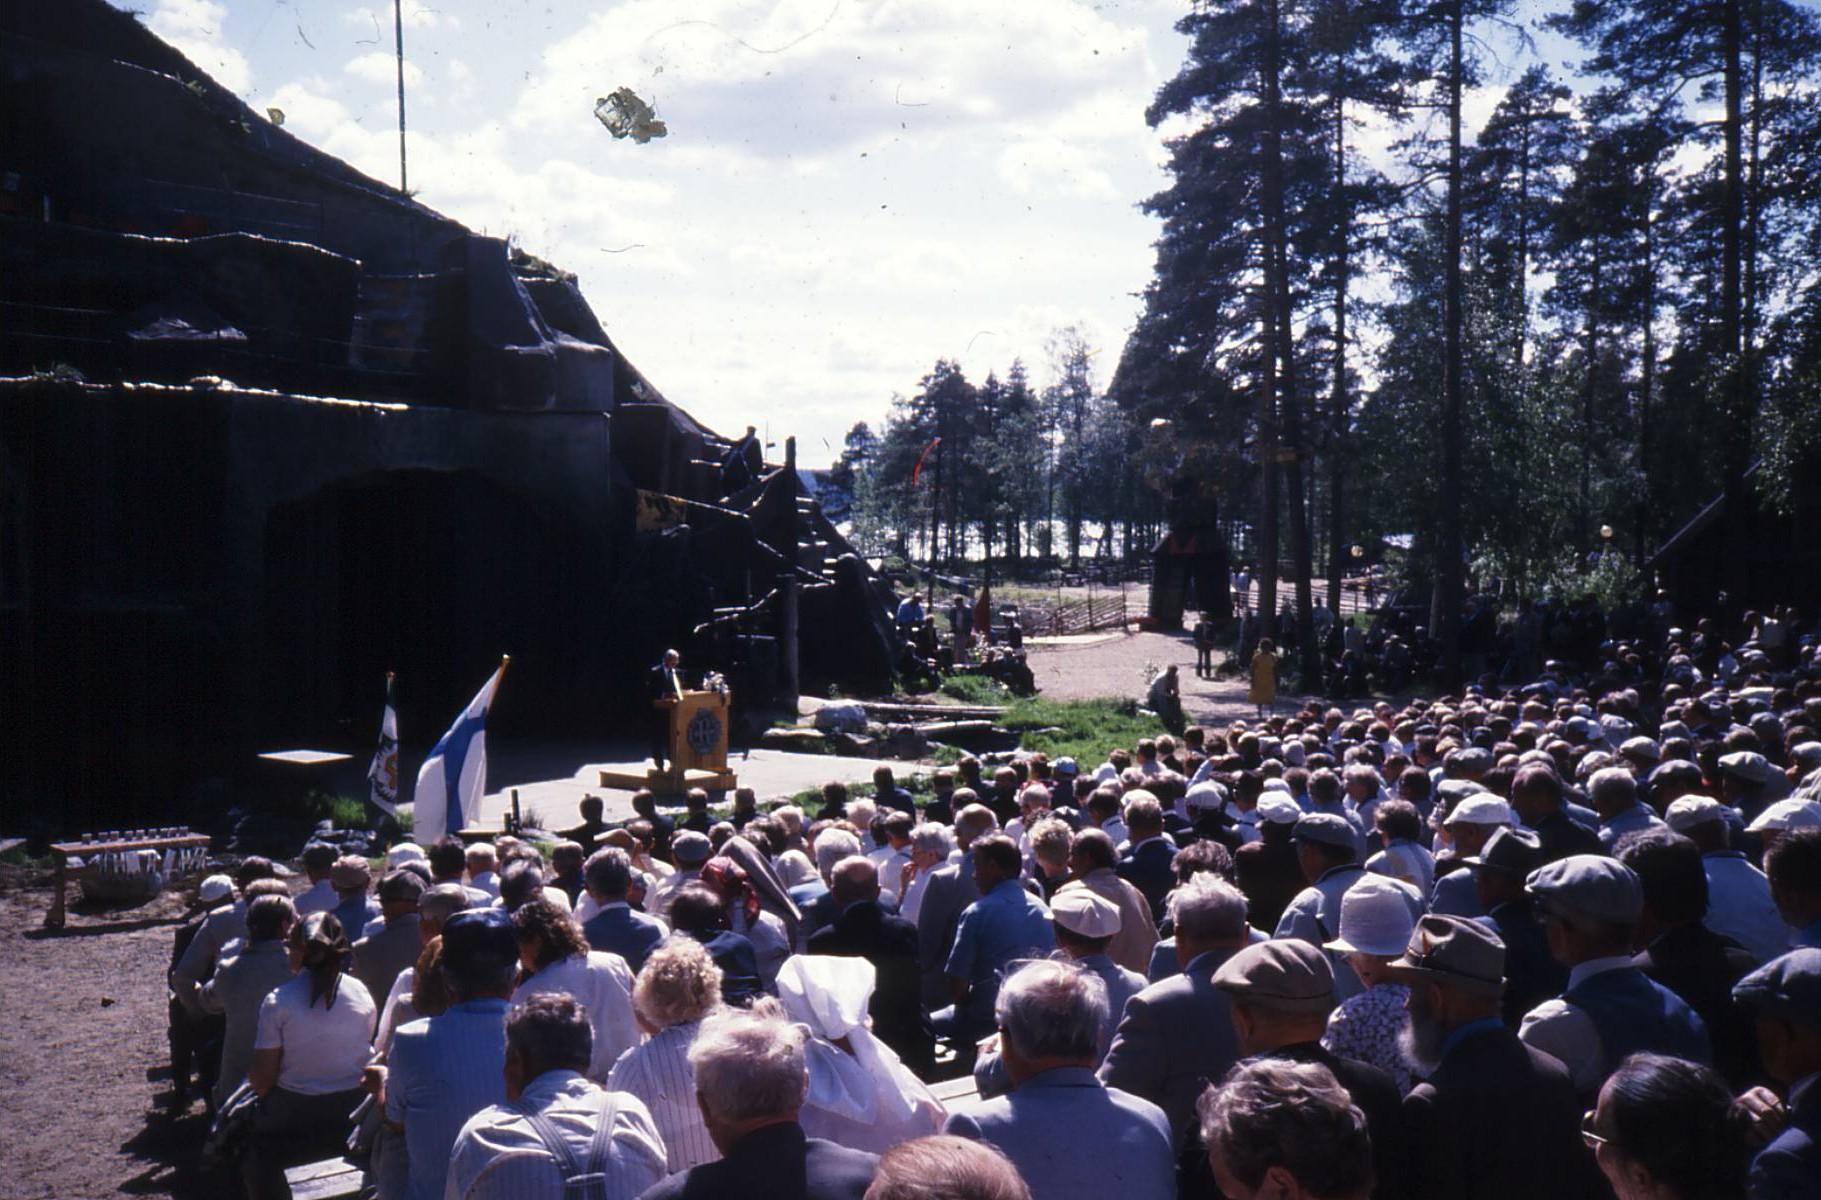 Perustajajäsenemme Pentti Perttuli valittiin tällä paikalla Nurmeksessa 15.6.1986 Rukajärven suunnan historiikkitoimikunnan jäseneksi. Hän pitää kuvassa n. 3000 juhlaan kokoontuneelle veteraaniveljelleen juhlapuhetta. Nyt Yhdistys palasi pitämään seminaaria tälle samalle paikalle.